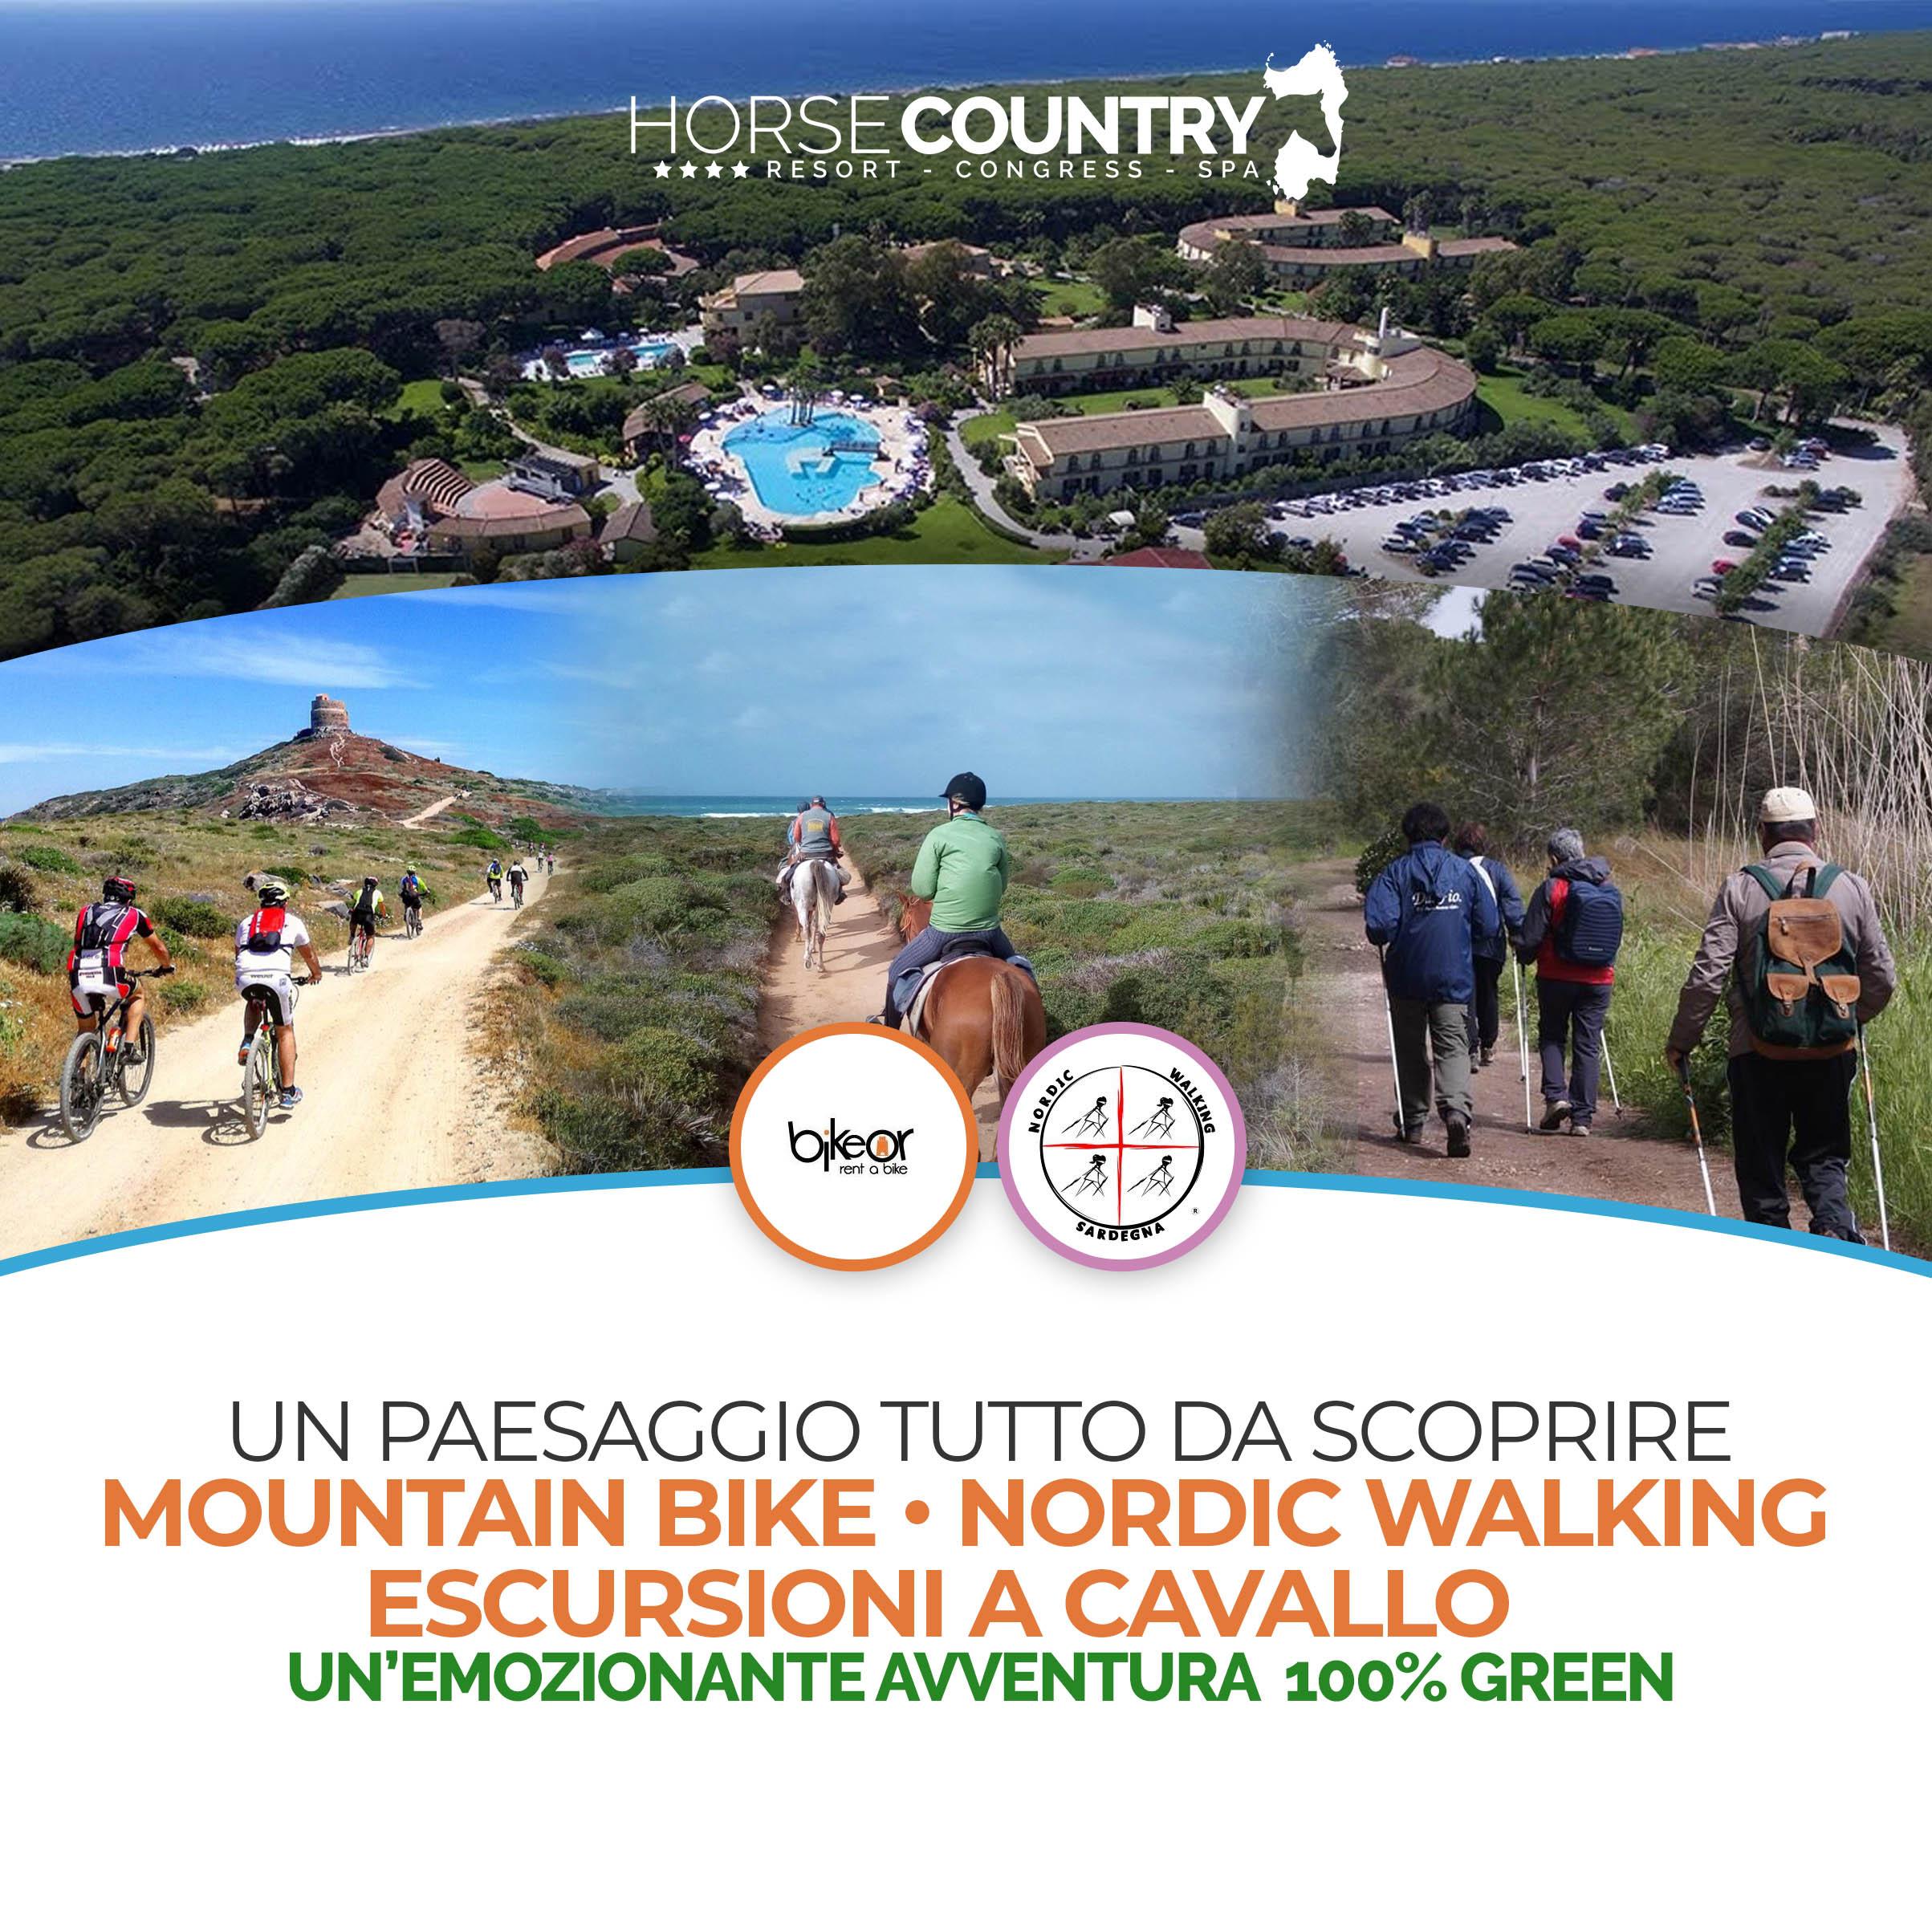 Un paesaggio tutto da scoprire – Mountain Bike / Nordic Walking / Escursioni a cavallo